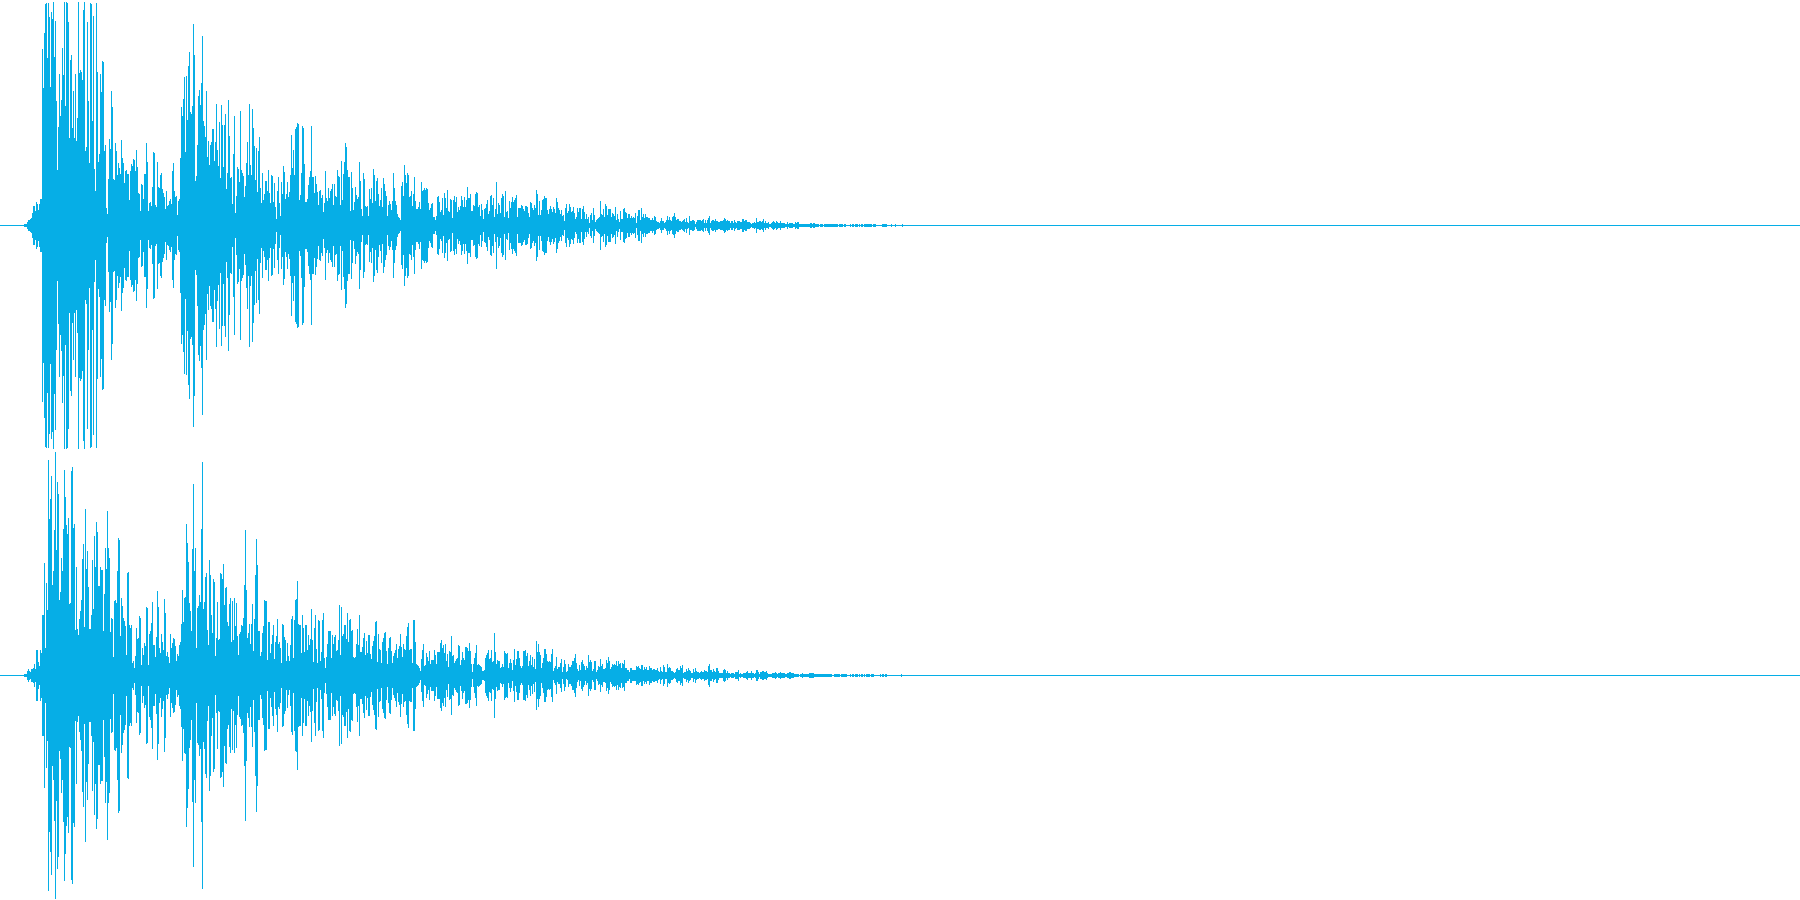 コンコンコーン…(物を落とした時の音)の再生済みの波形